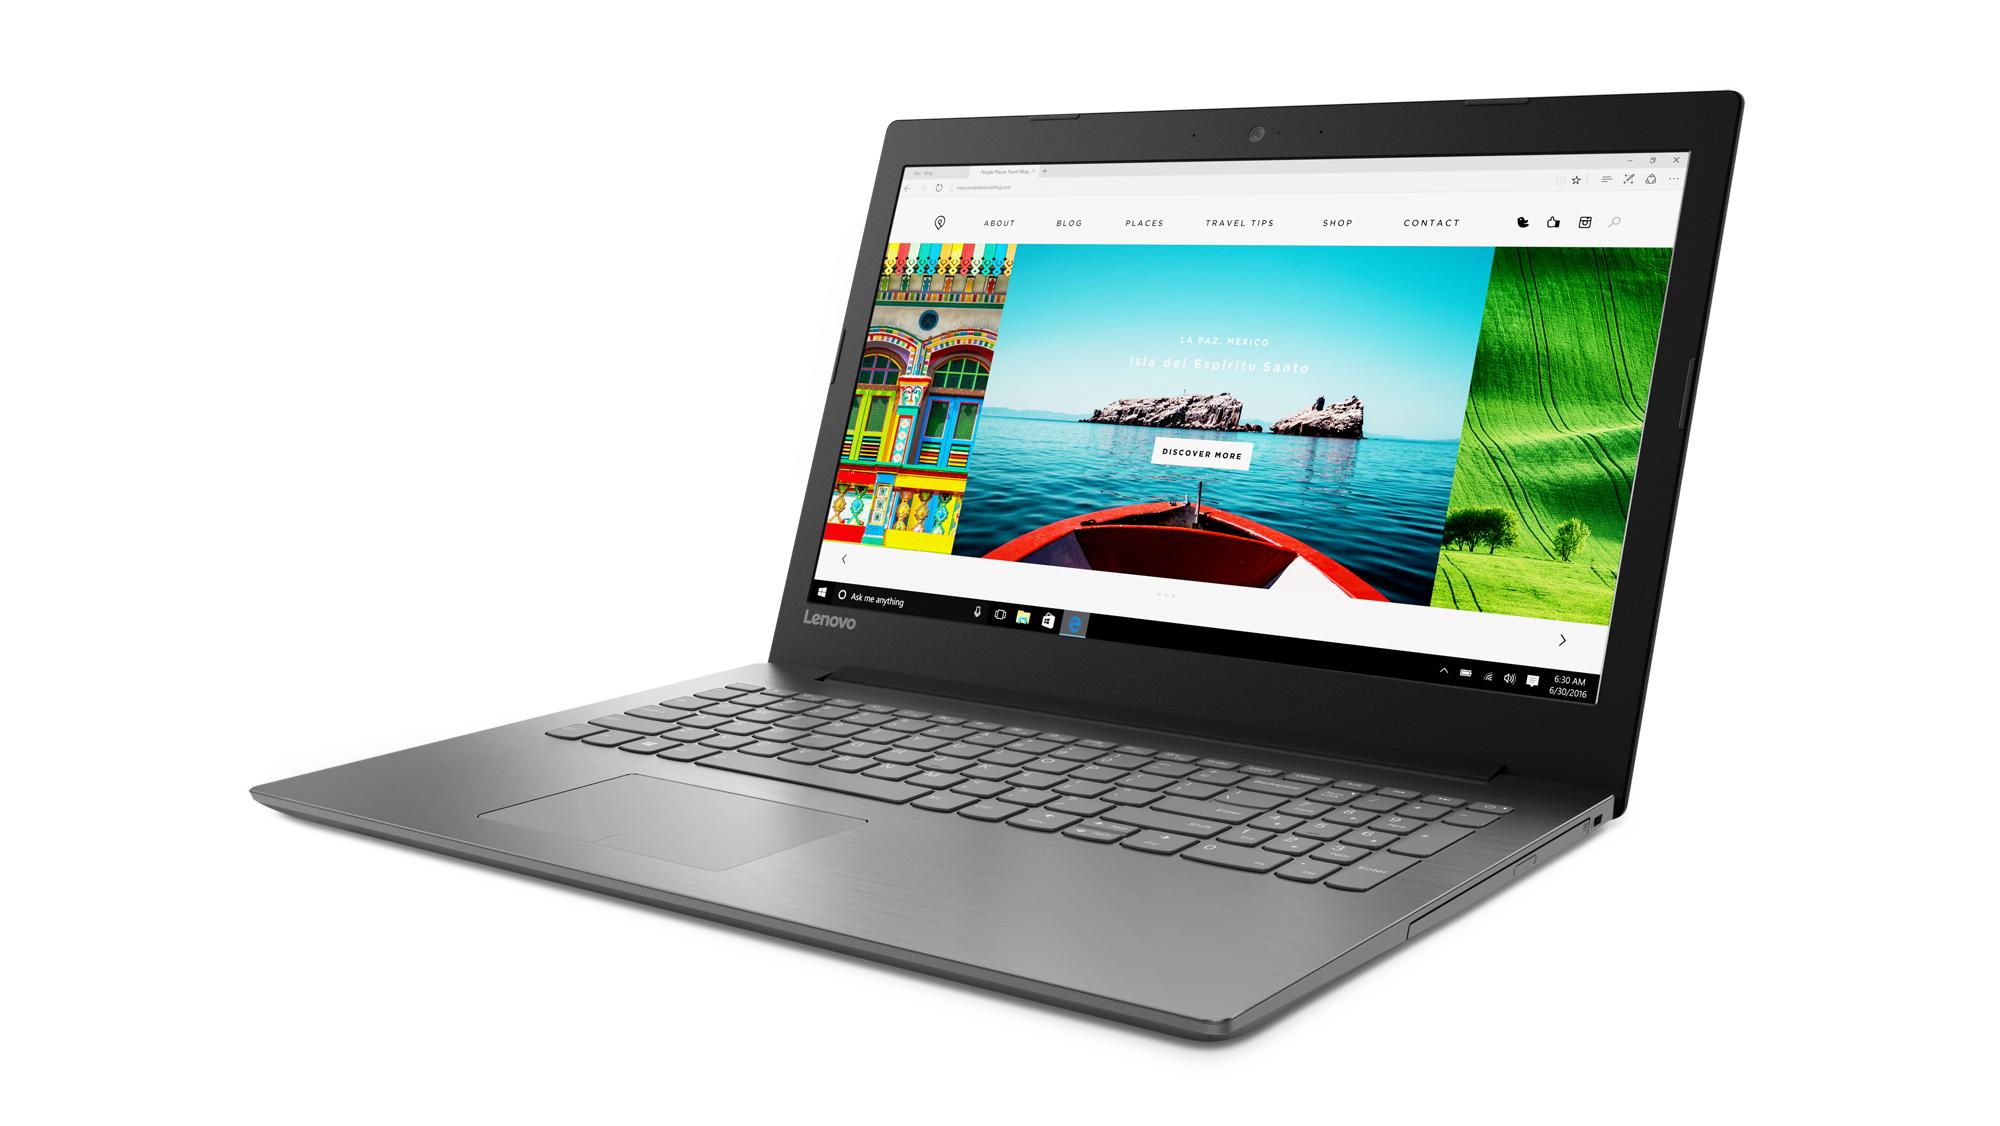 """Lenovo IdeaPad 320-15IKBRN i3-7100U 2,40GHz/8GB/SSD 128GB+HDD 1TB/15,6"""" FHD/AG/WIN10 černá 80XL0369CK"""